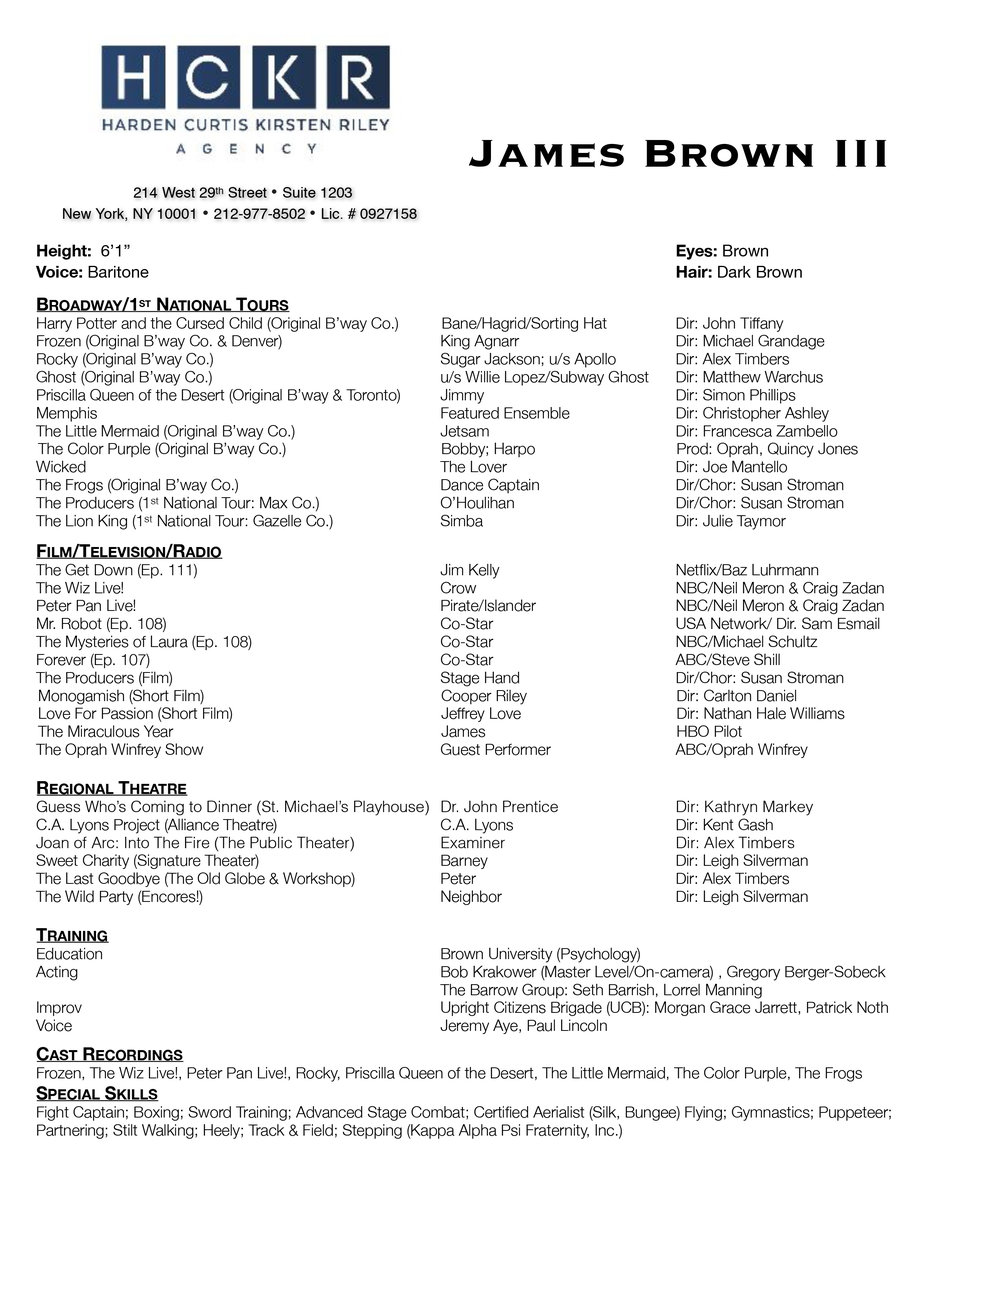 JBIII HCKR Resume 2-20-19.jpg